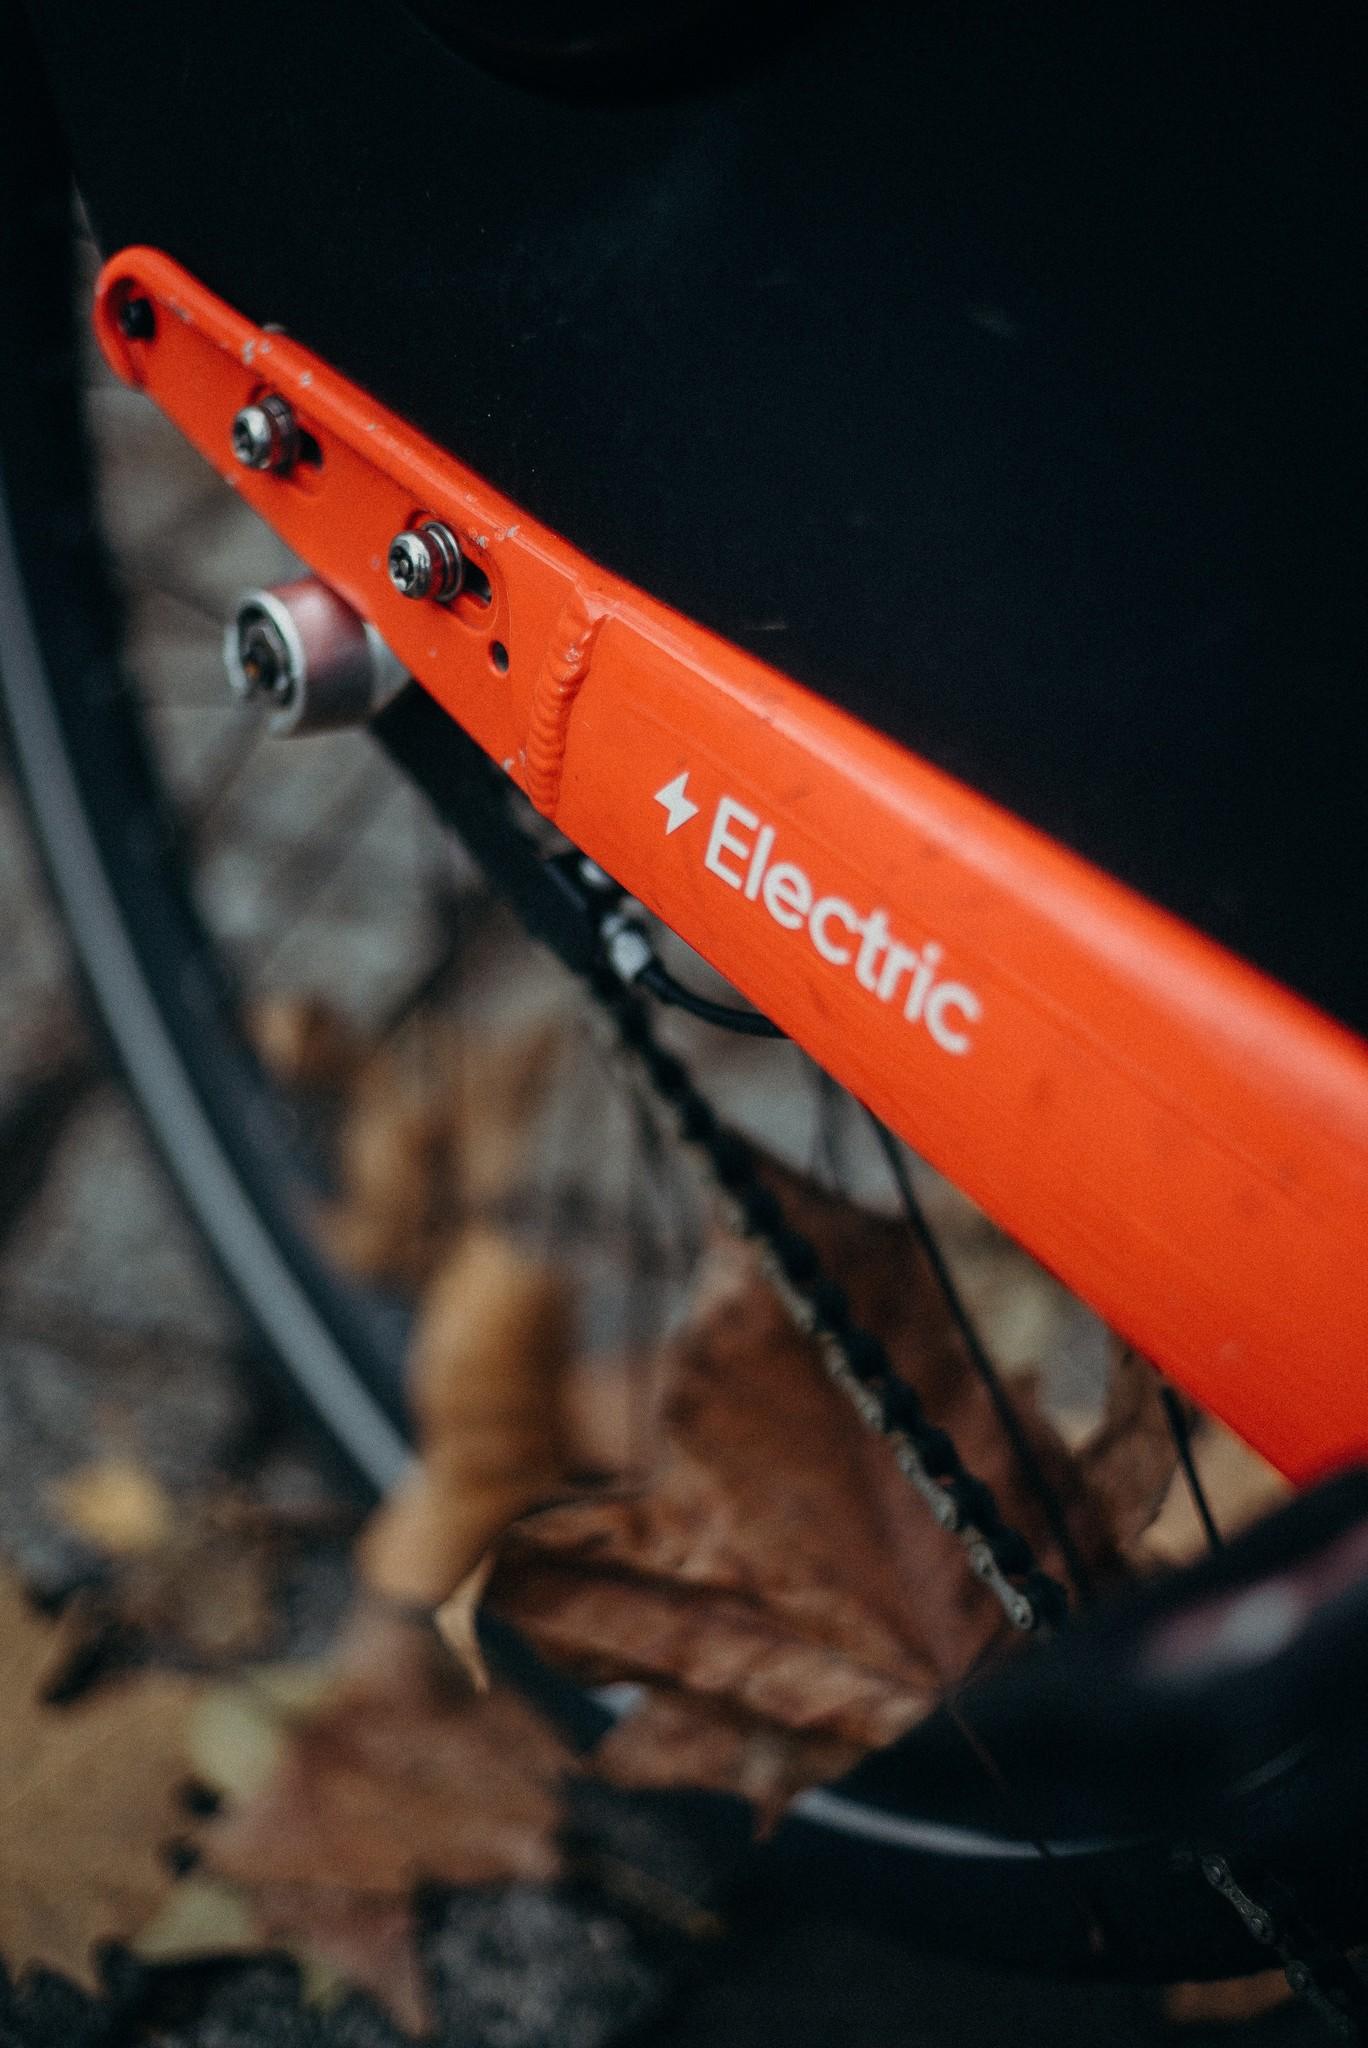 Hoeveel kilometer gaat de accu van een elektrische fiets mee?